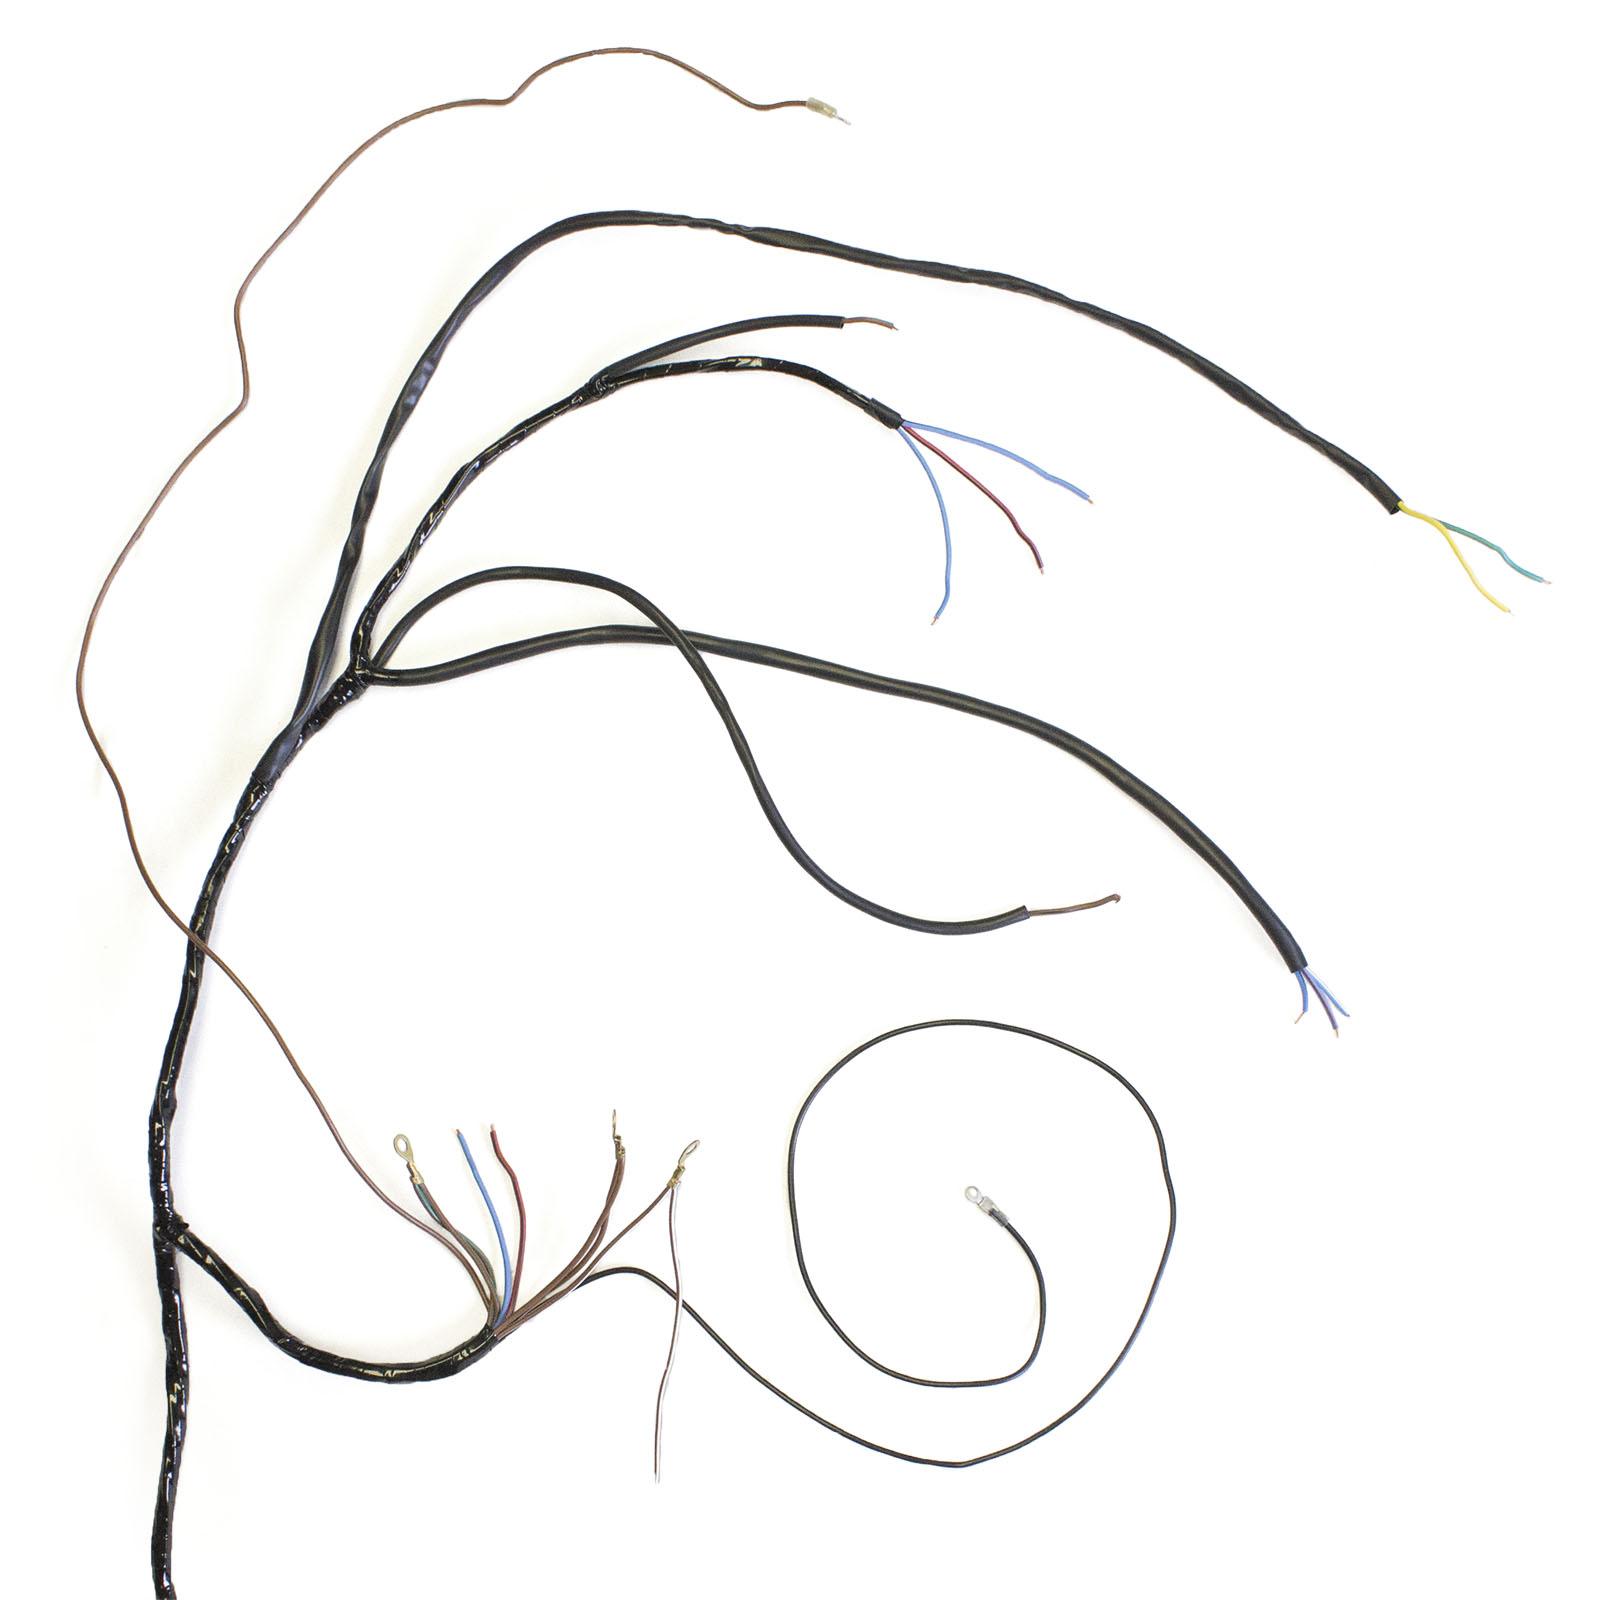 wire harness - triumph dynamo models